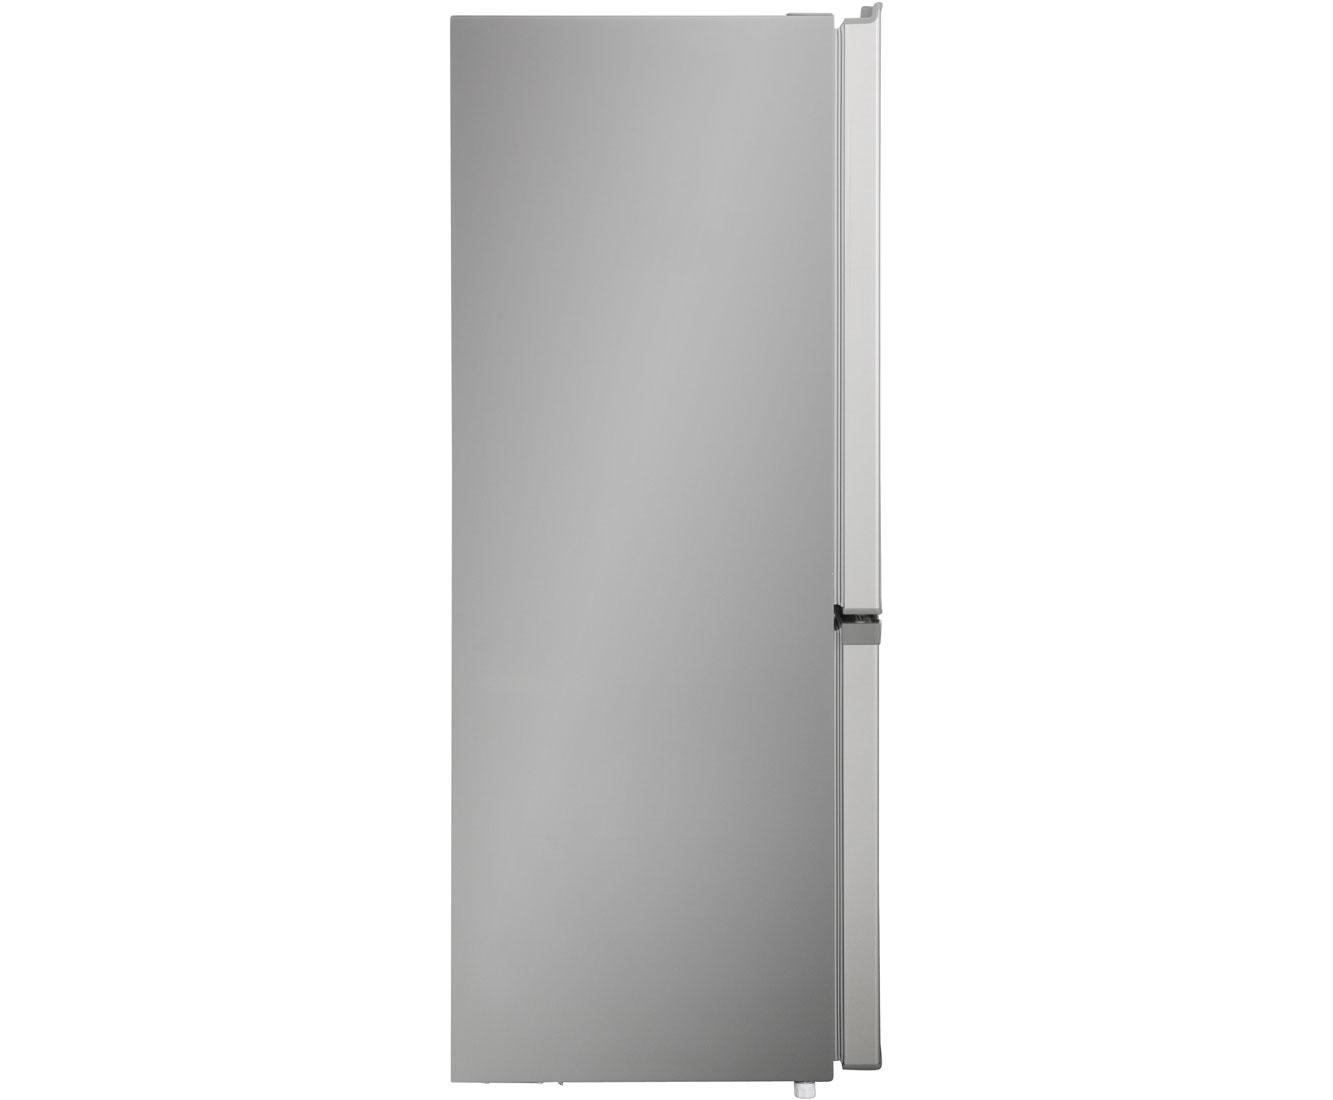 Bomann Kühlschrank Gefrierkombi : Bomann kg kühl gefrierkombination freistehend edelstahl